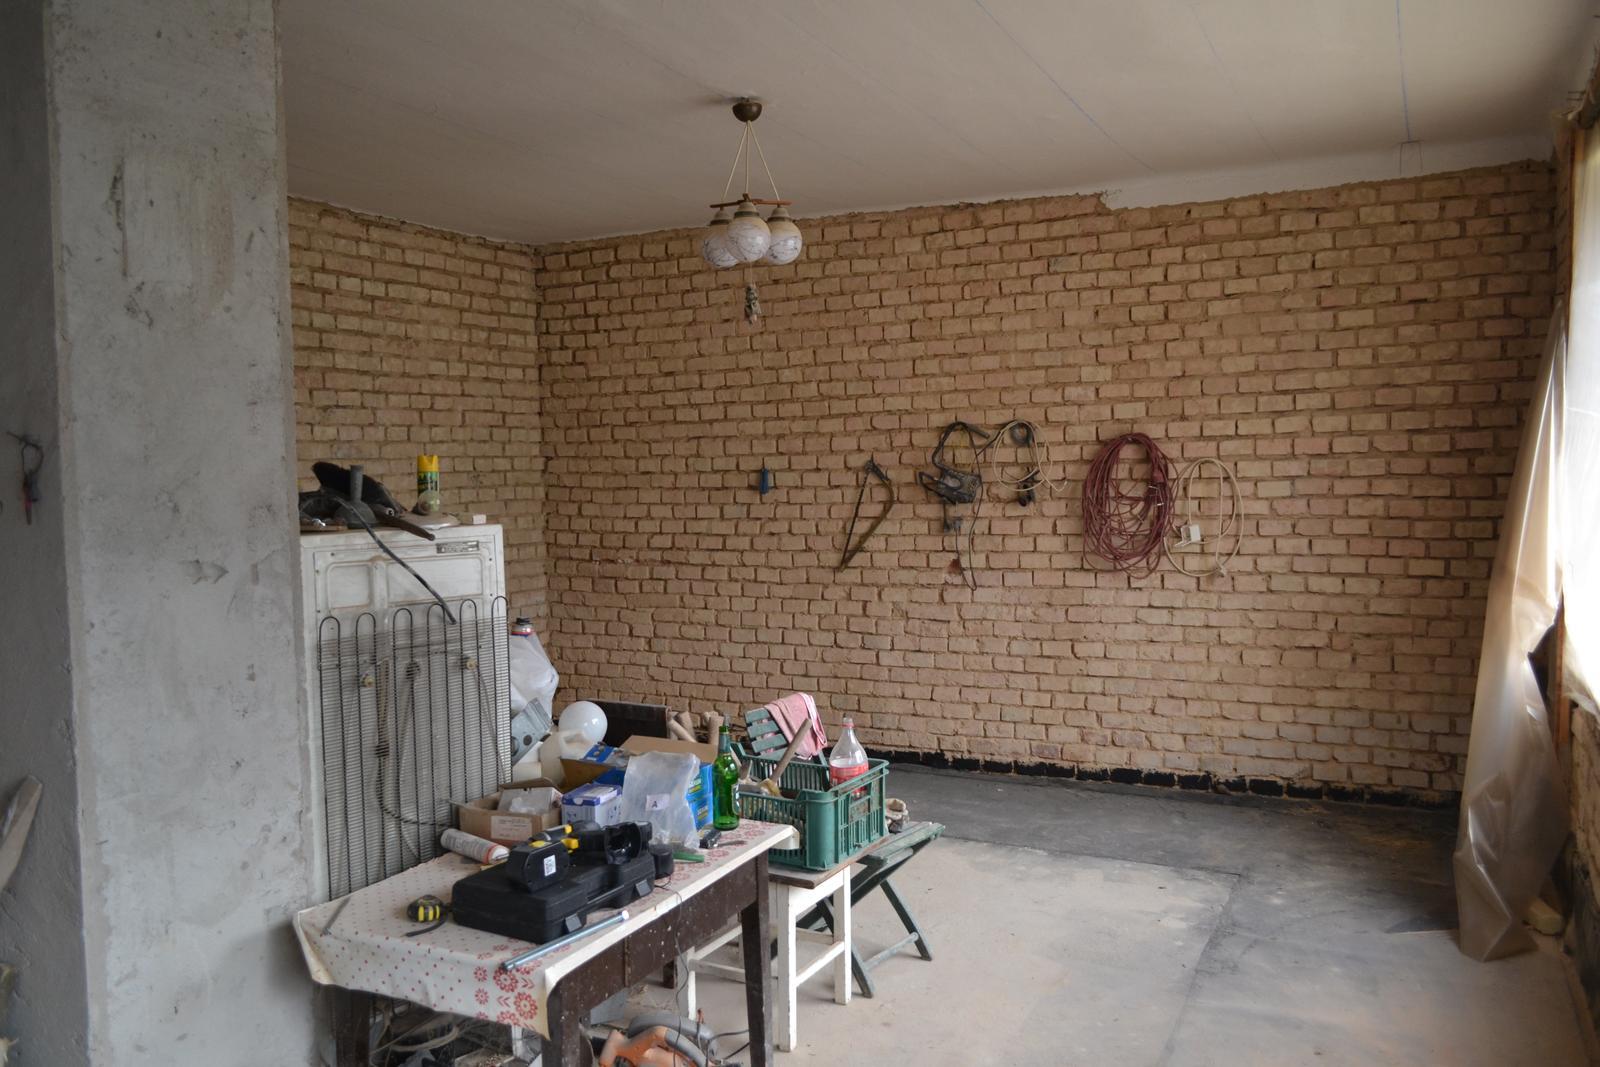 Domeček rekonstruujeme pro rodiče - Obrázek č. 67